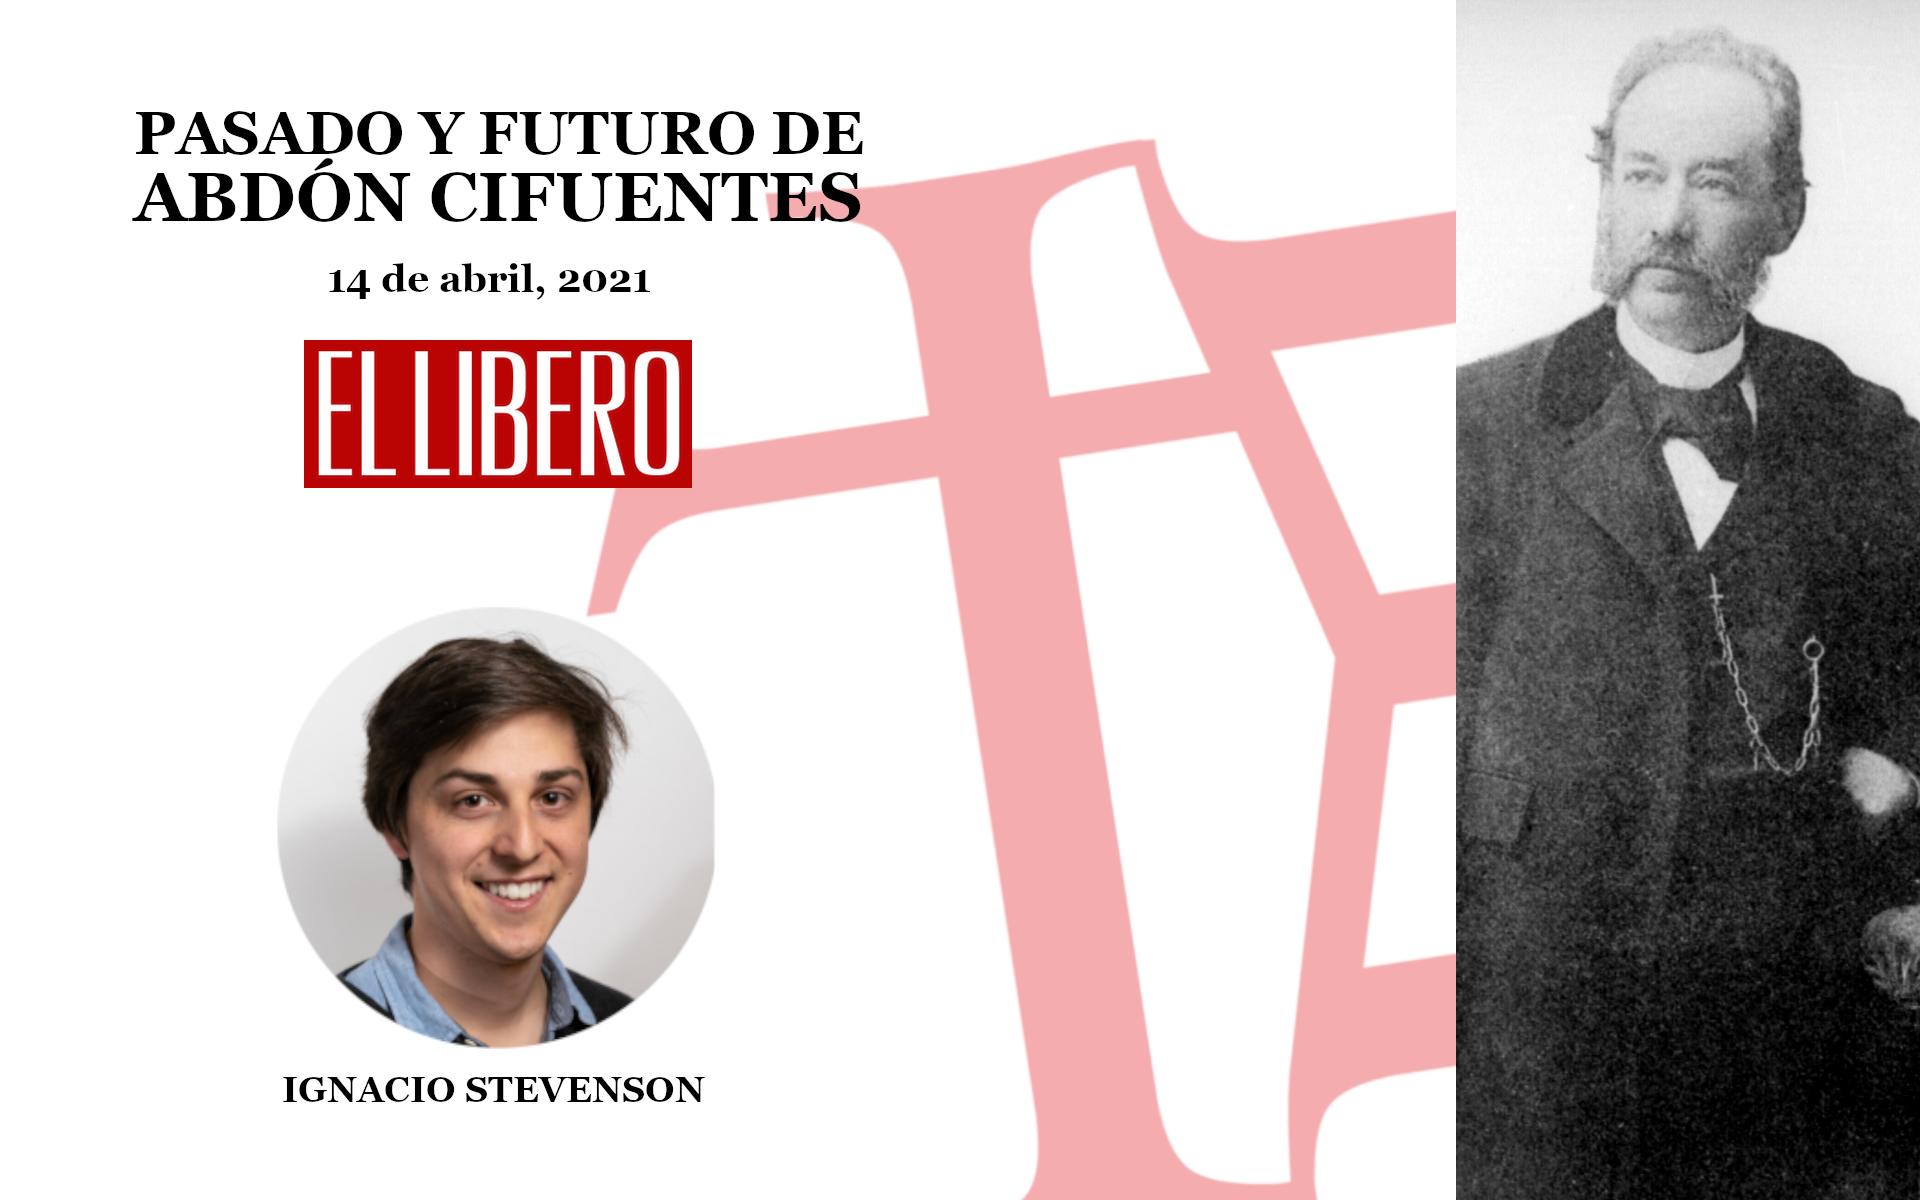 Ignacio Stevenson: Pasado y futuro de Abdón Cifuentes